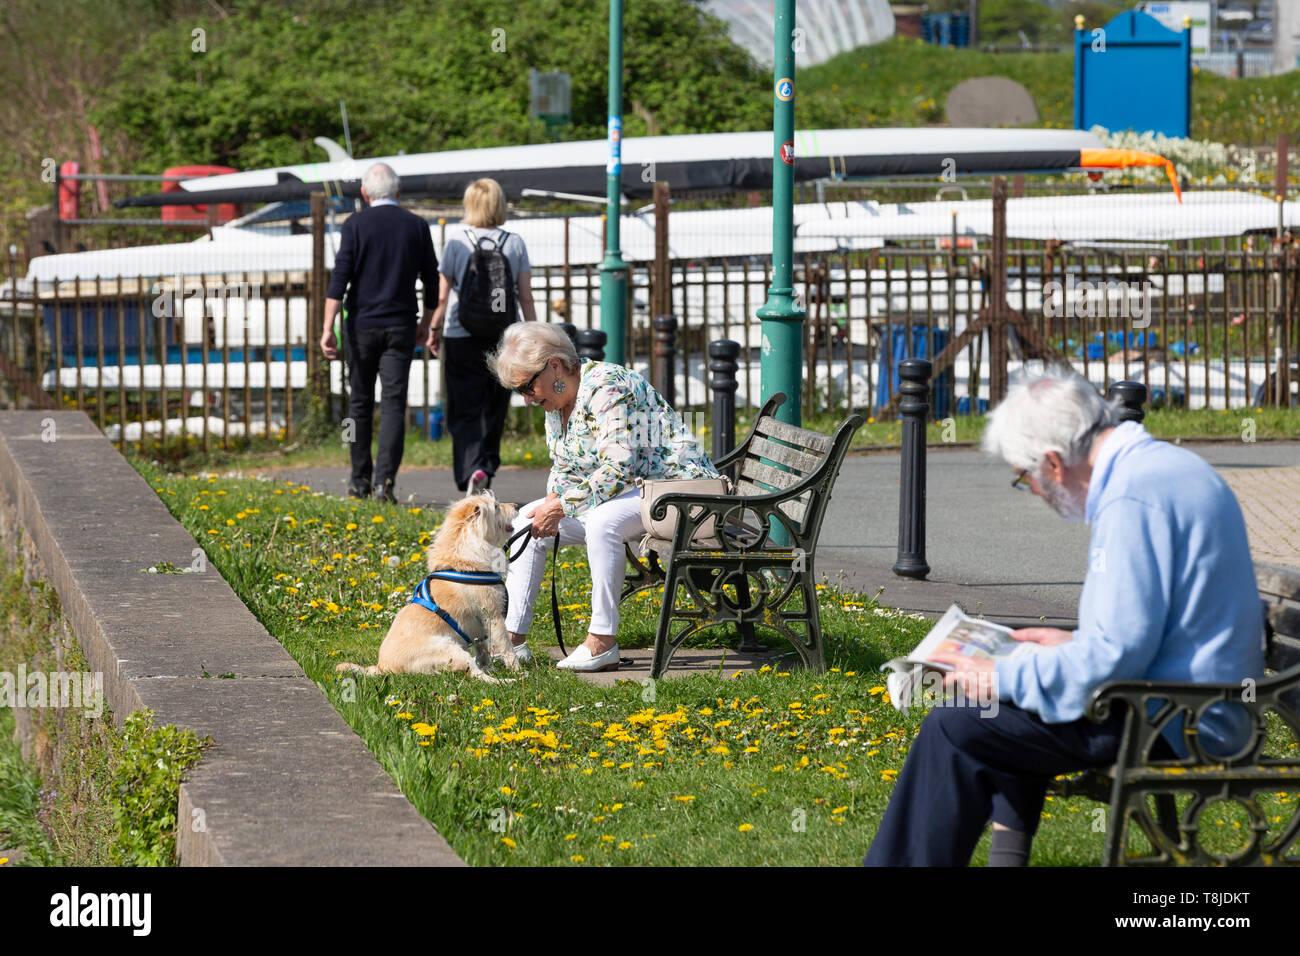 Les hommes et les femmes bénéficiant de temps libre par un beau matin ensoleillé - couple, Man reading newspaper, woman with dog Photo Stock